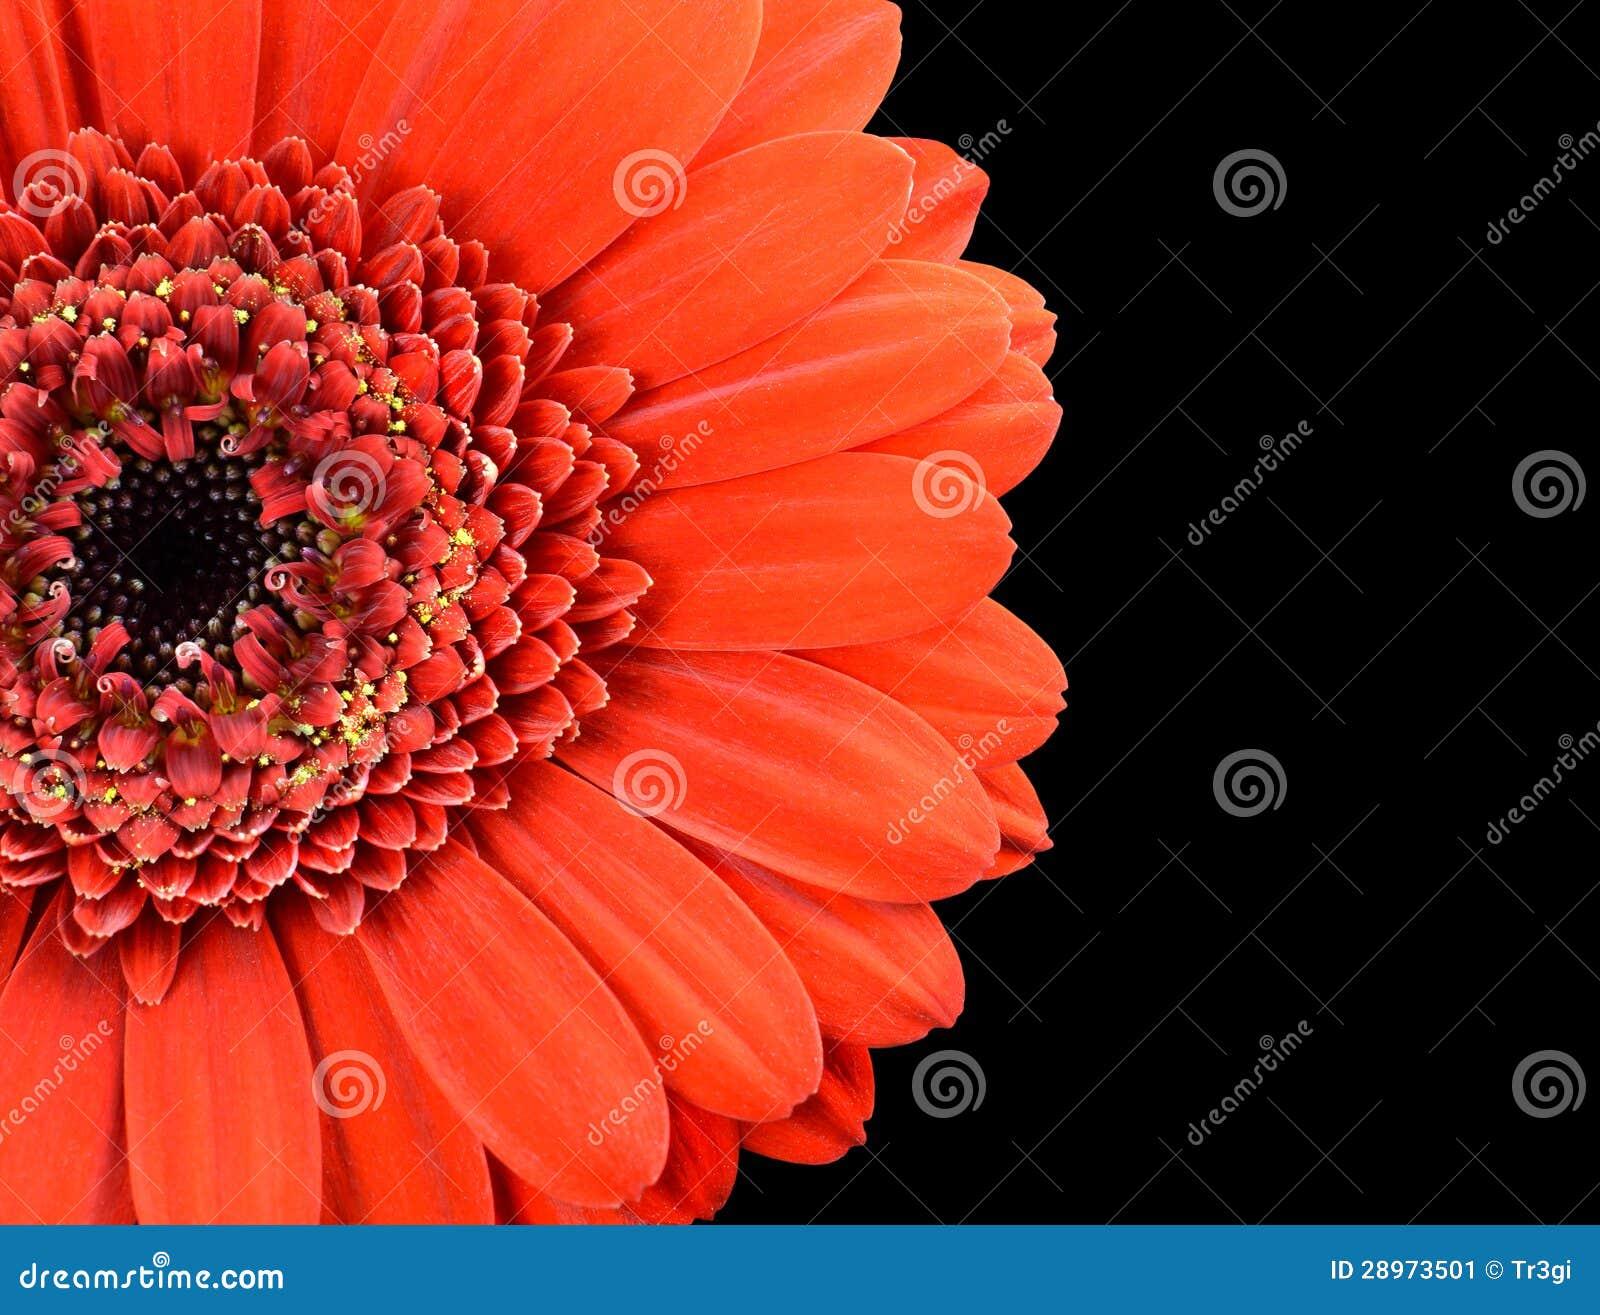 Czerwona nagietka kwiatu część Odizolowywająca na czerni